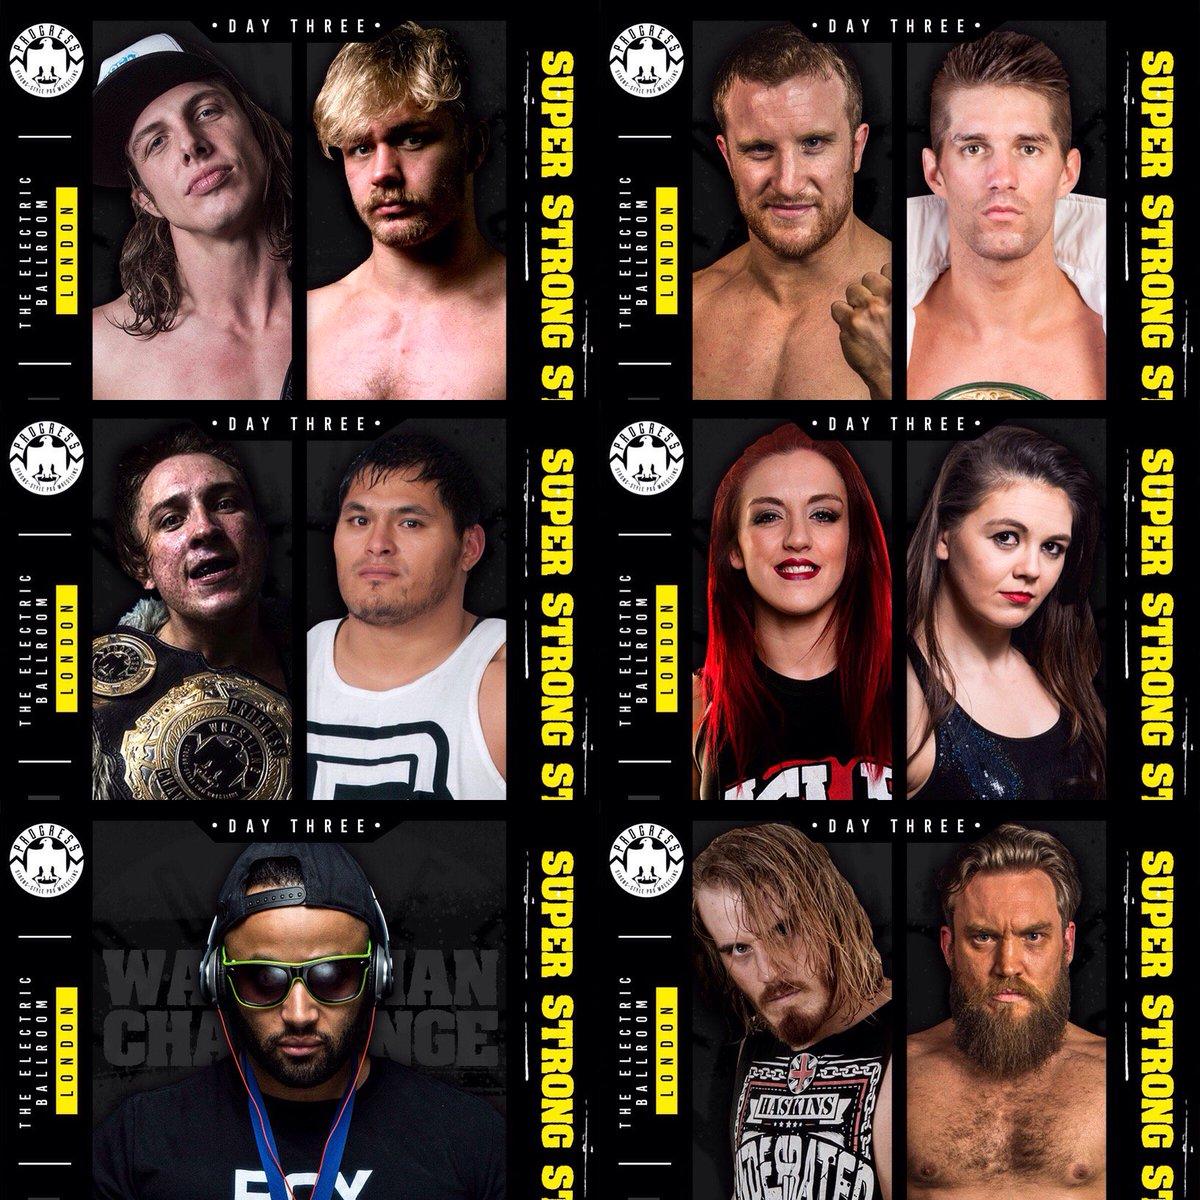 Resultados de Progress Wrestling Super Strong Style 16: Día 2 — Primera monarca de la empresa 6